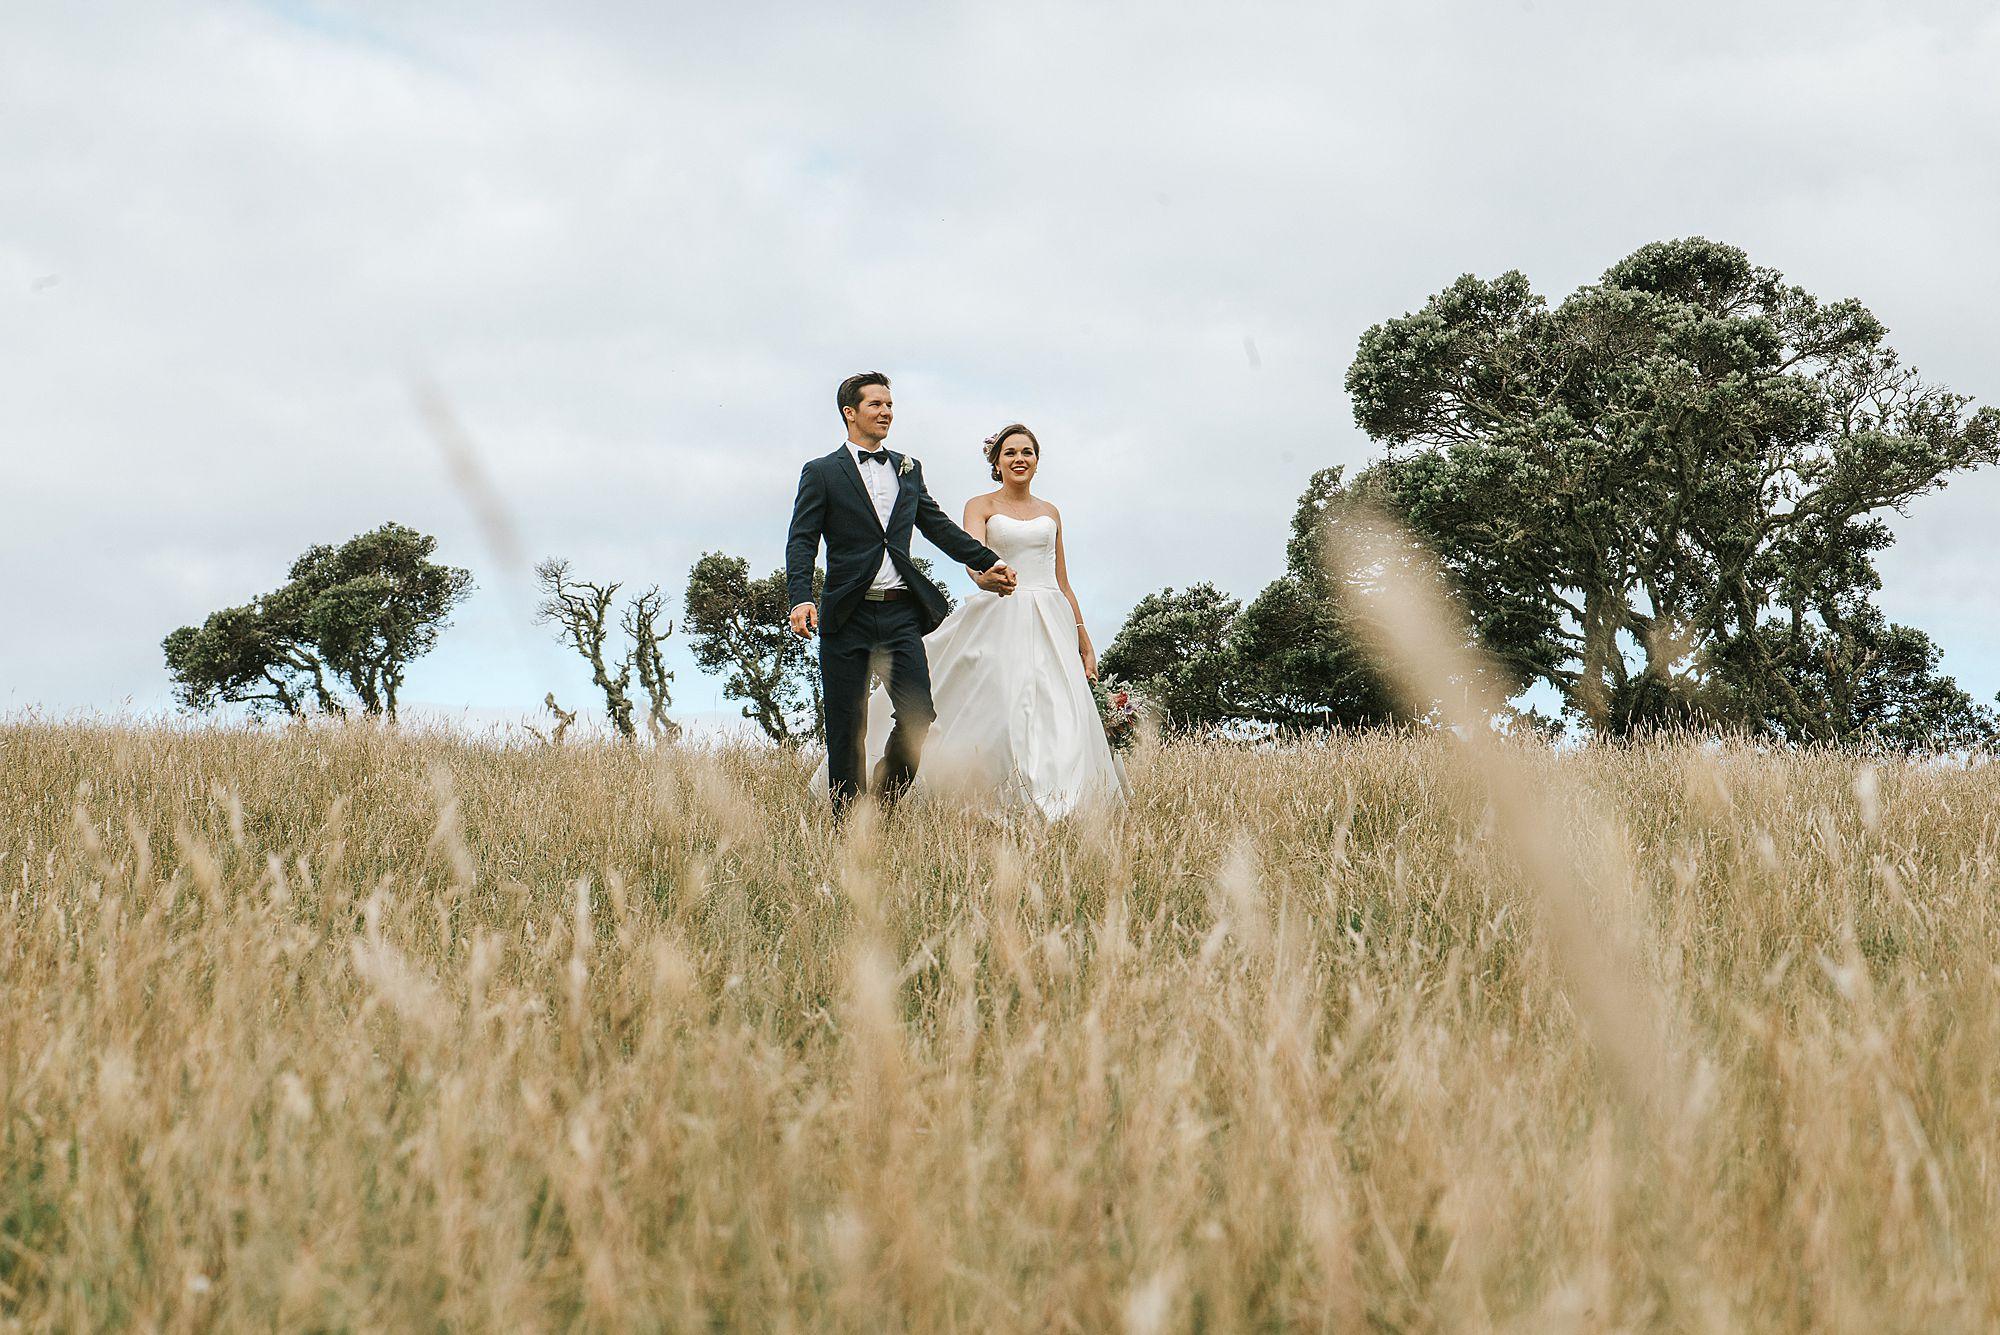 Baylys Farm Bay Wedding Of Islands